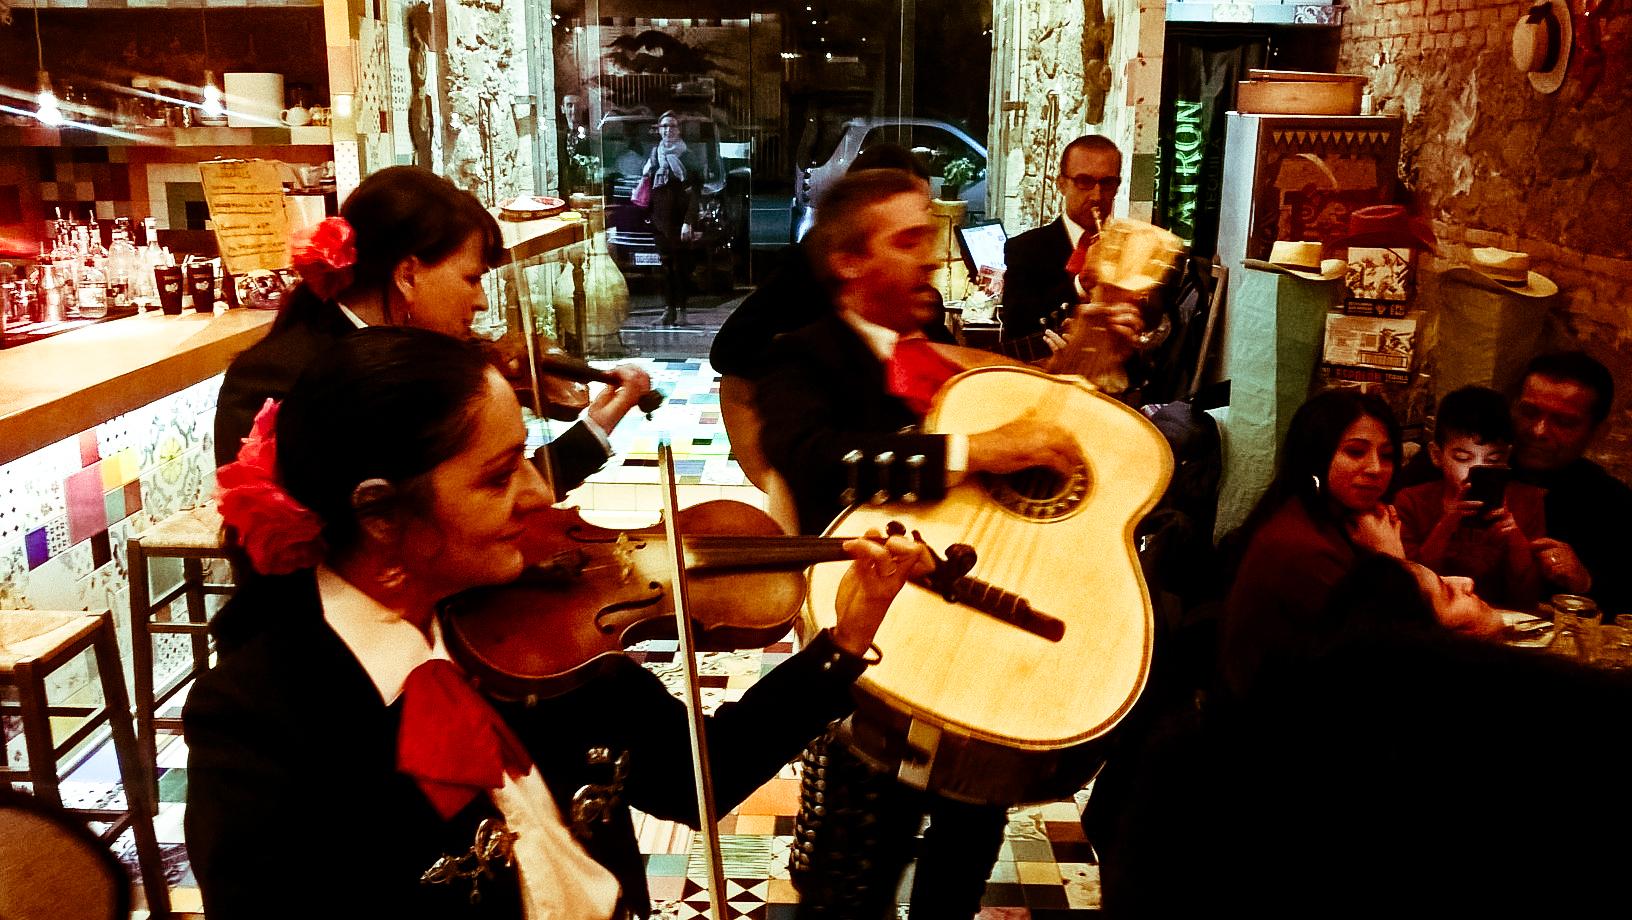 ristorante-messicano-puerto-messico-roma-2